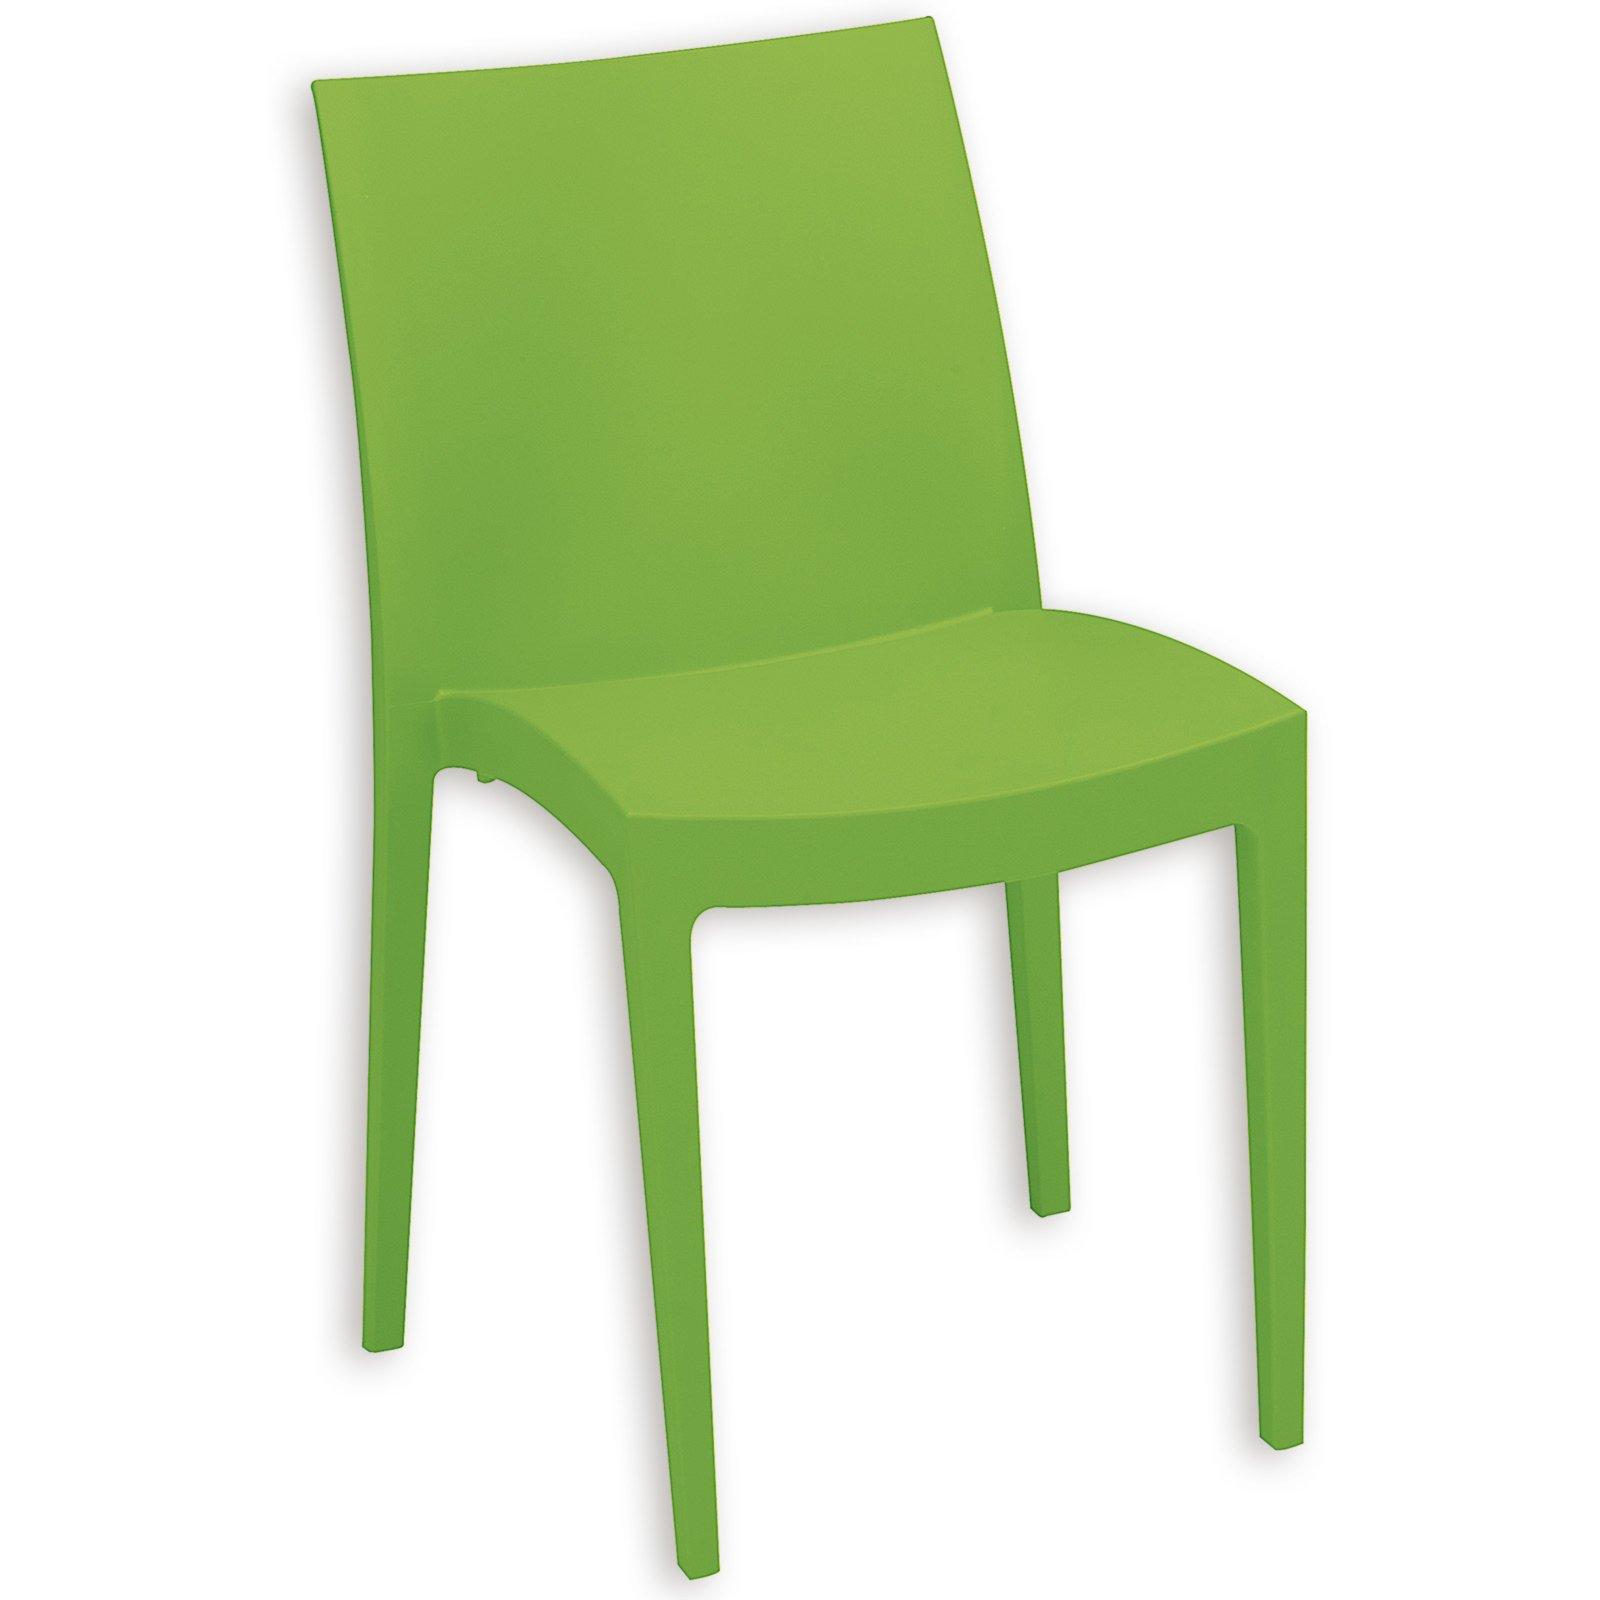 stapelstuhl venice apfelgr n kunststoff stapelst hle st hle st hle hocker m bel. Black Bedroom Furniture Sets. Home Design Ideas